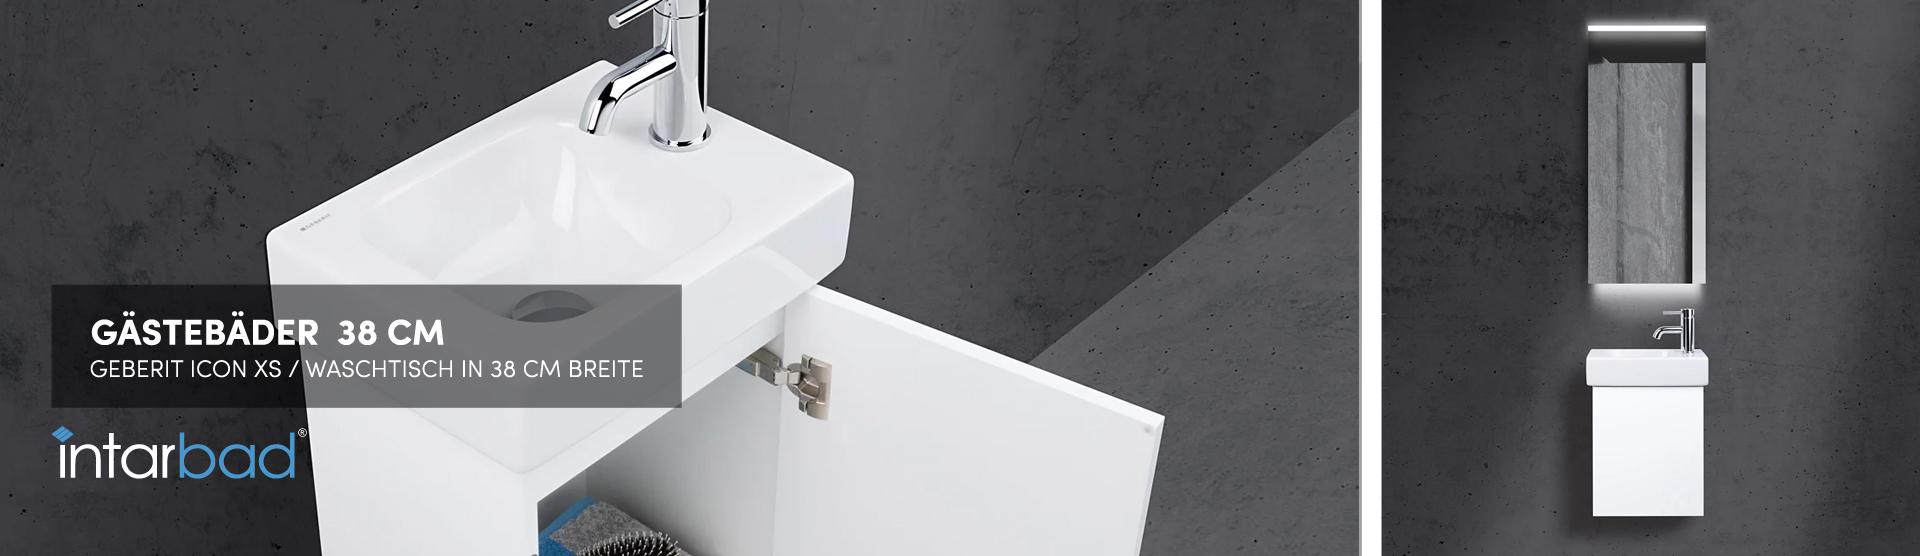 38 cm Waschtisch (Geberit iCon XS)